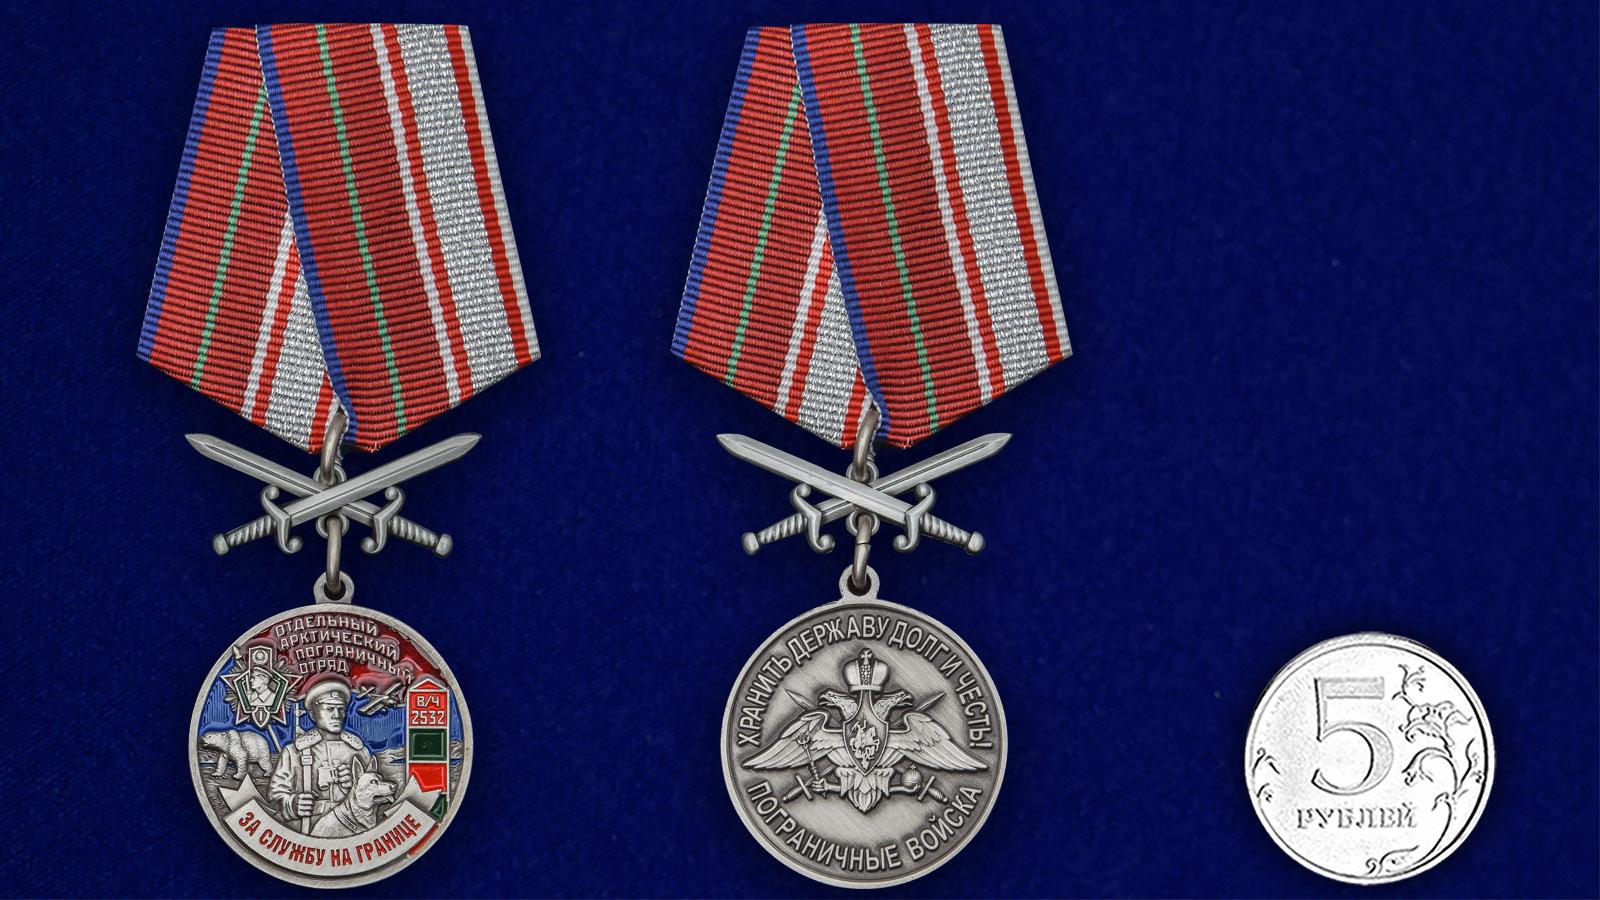 Наградная медаль За службу в Арктическом пограничном отряде - сравнительный вид